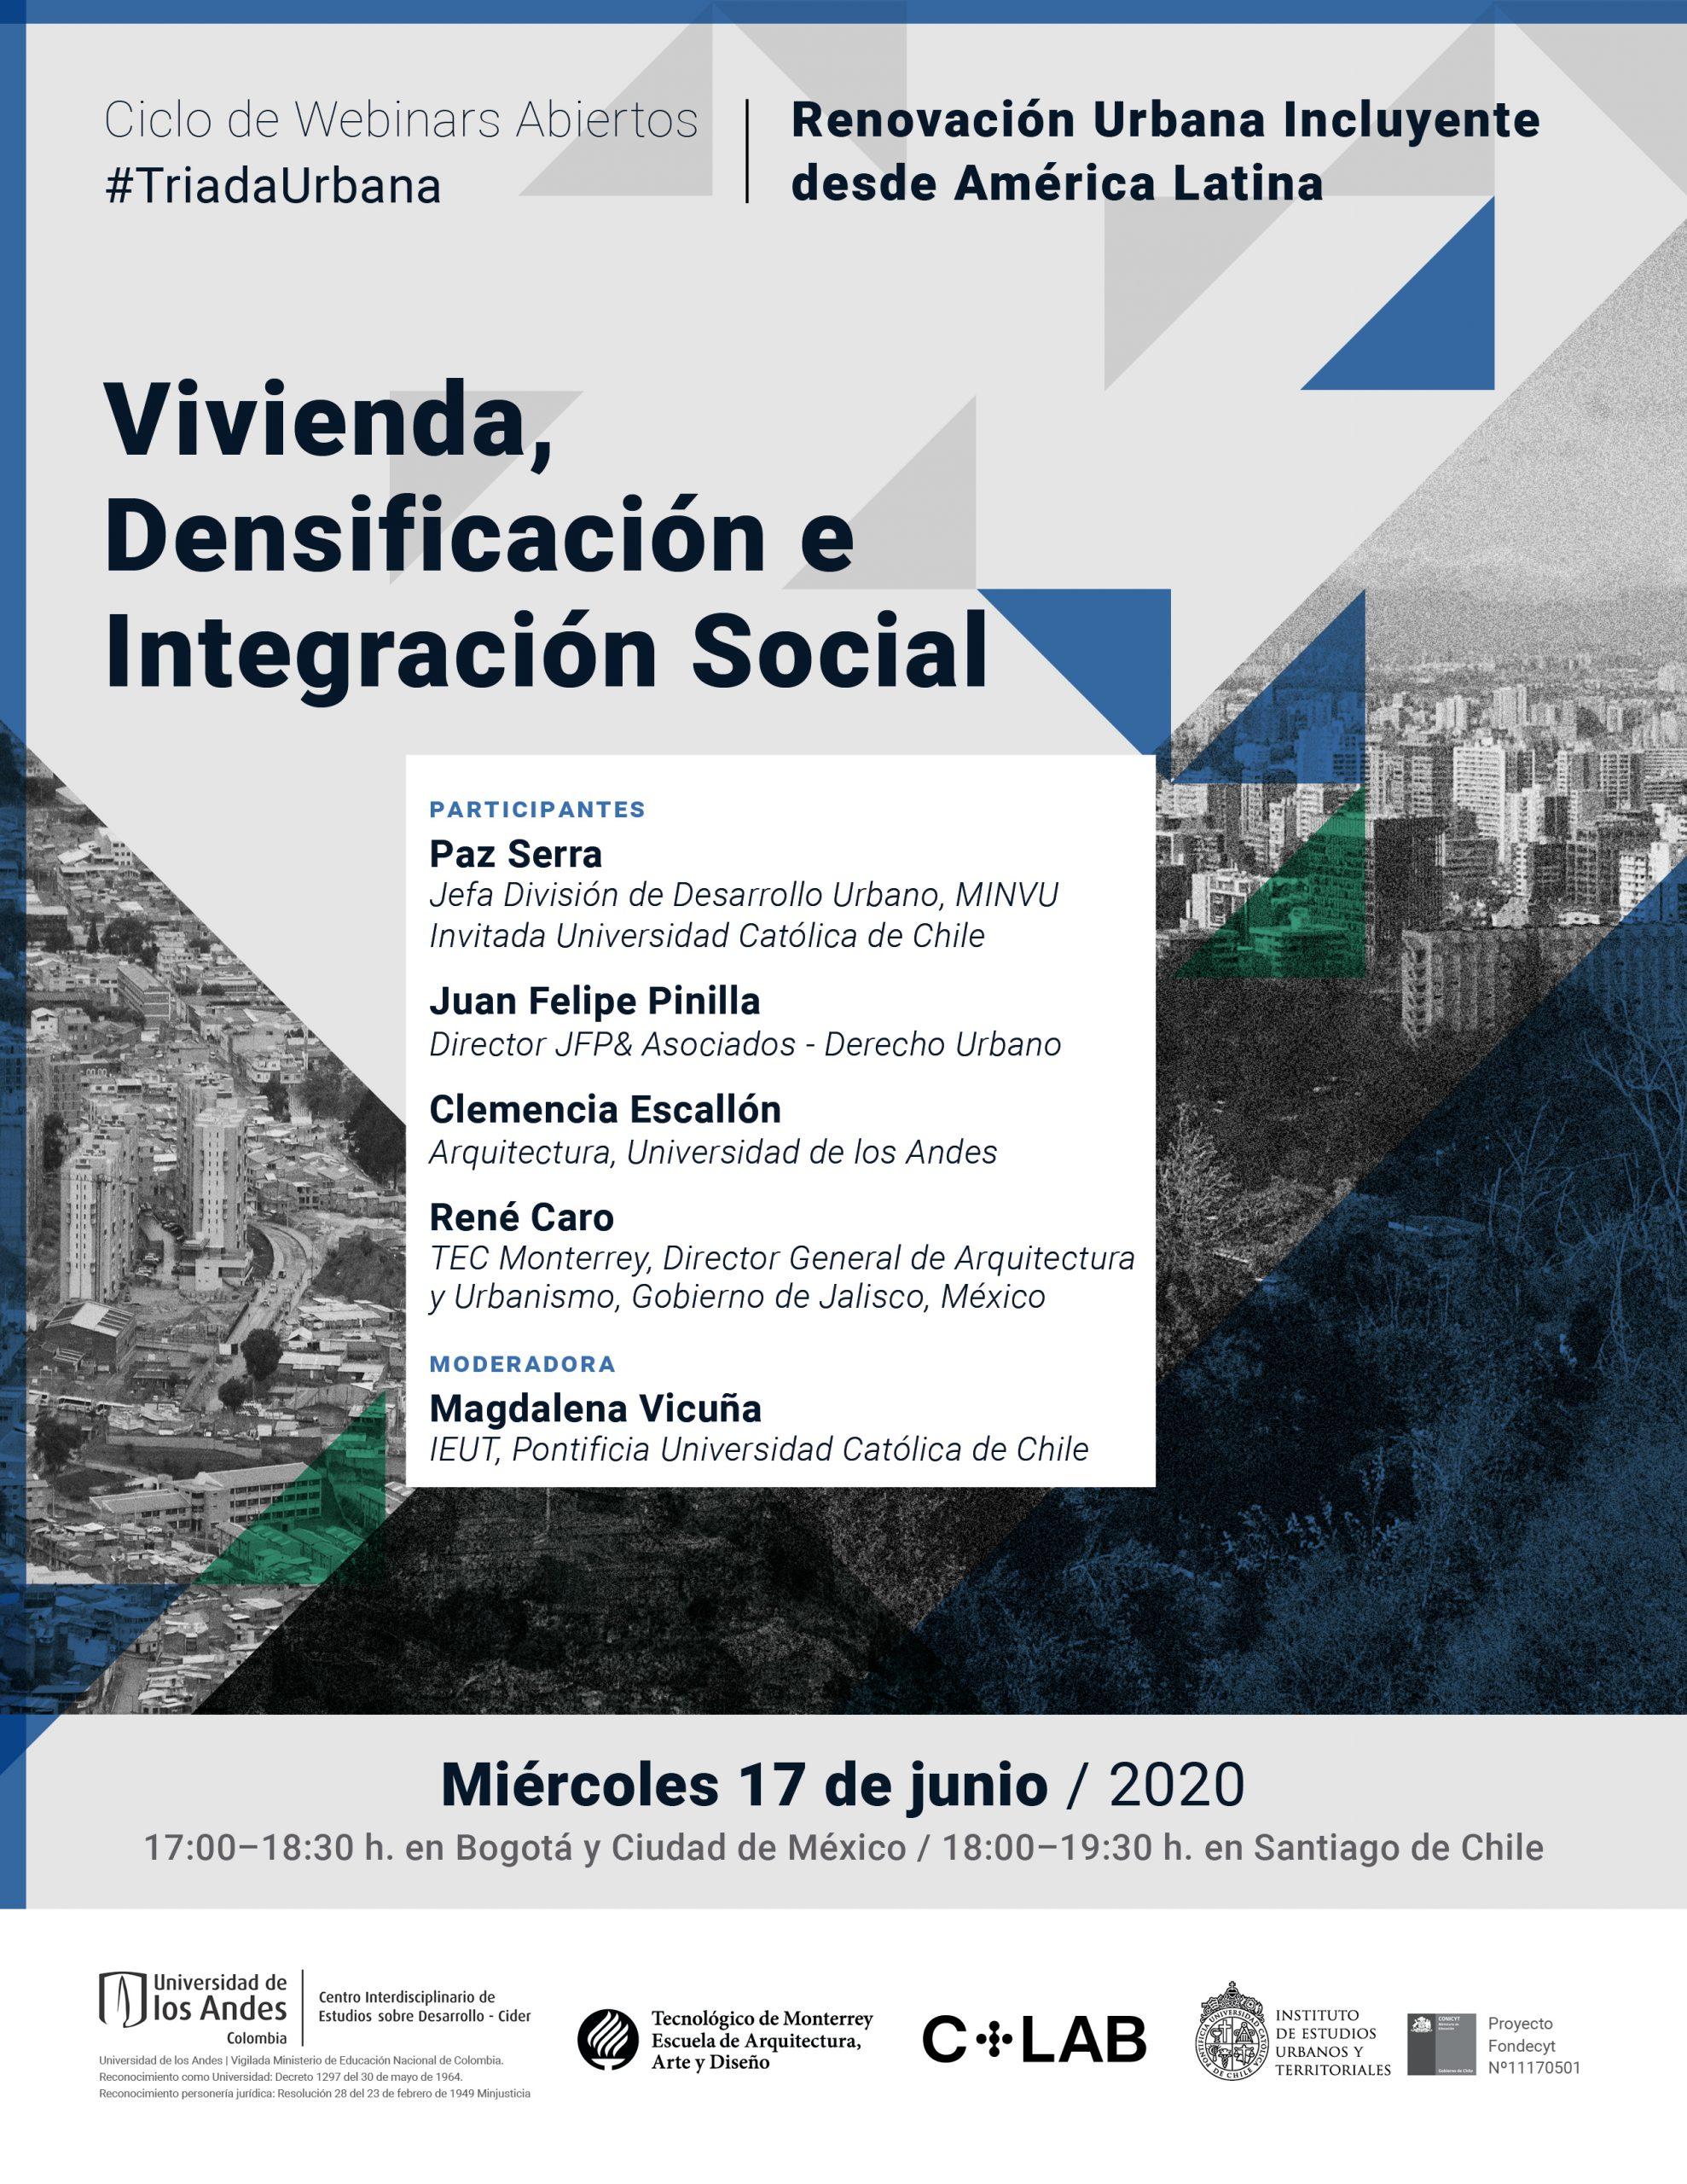 Webinar #TriadaUrbana | Vivienda, Densificación e Integración Social